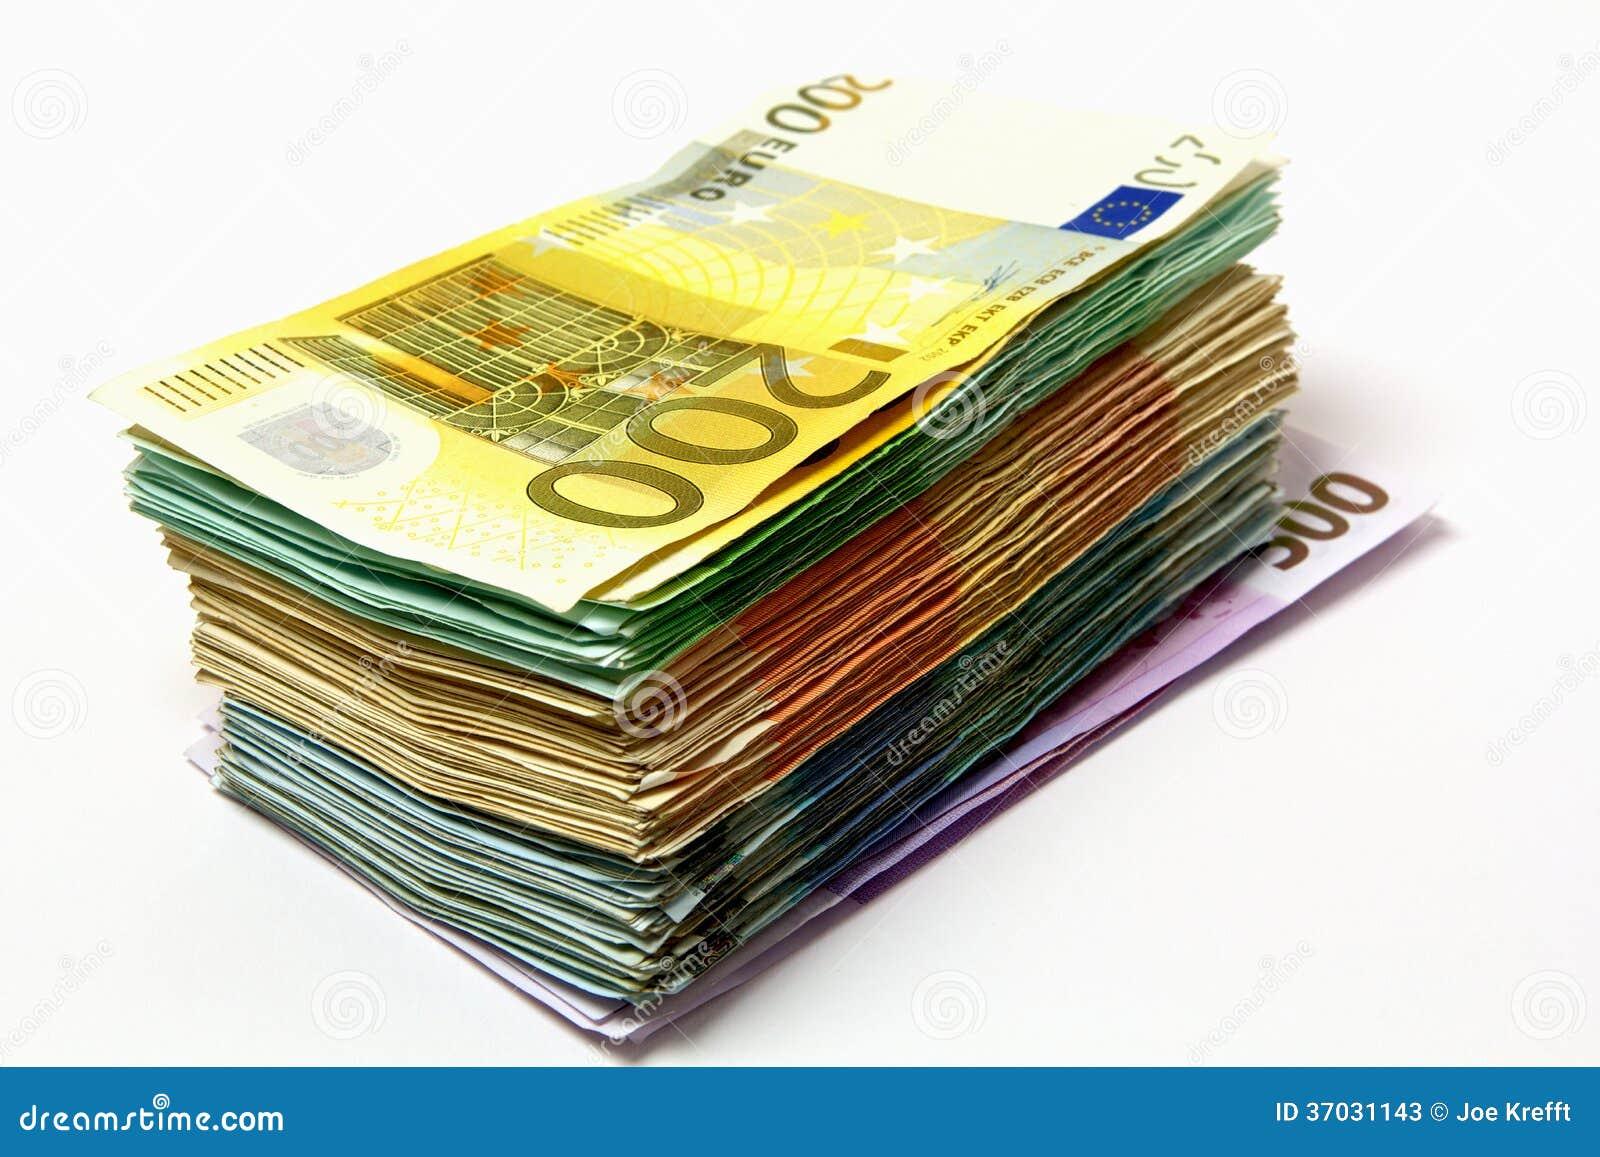 money stack stock image image of business money bills 37031143. Black Bedroom Furniture Sets. Home Design Ideas